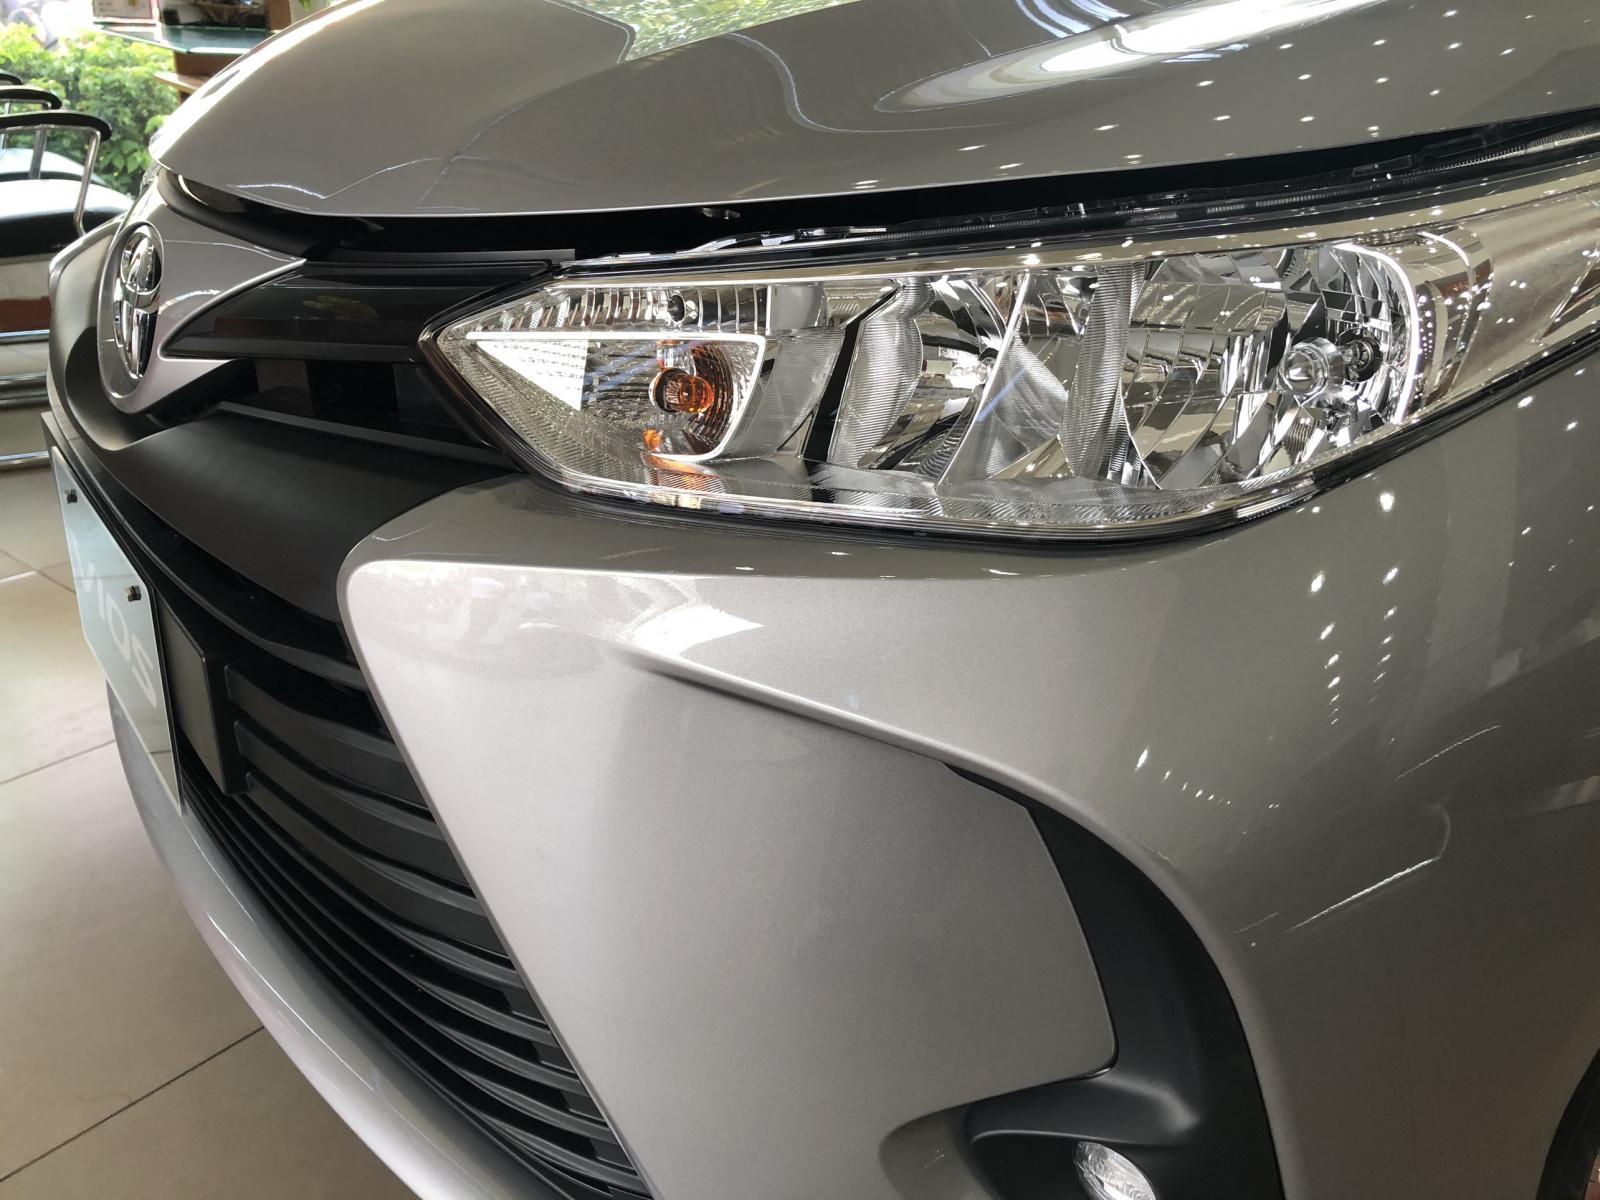 Cần bán xe Toyota Vios E - MT năm 2021, đủ màu giao ngay